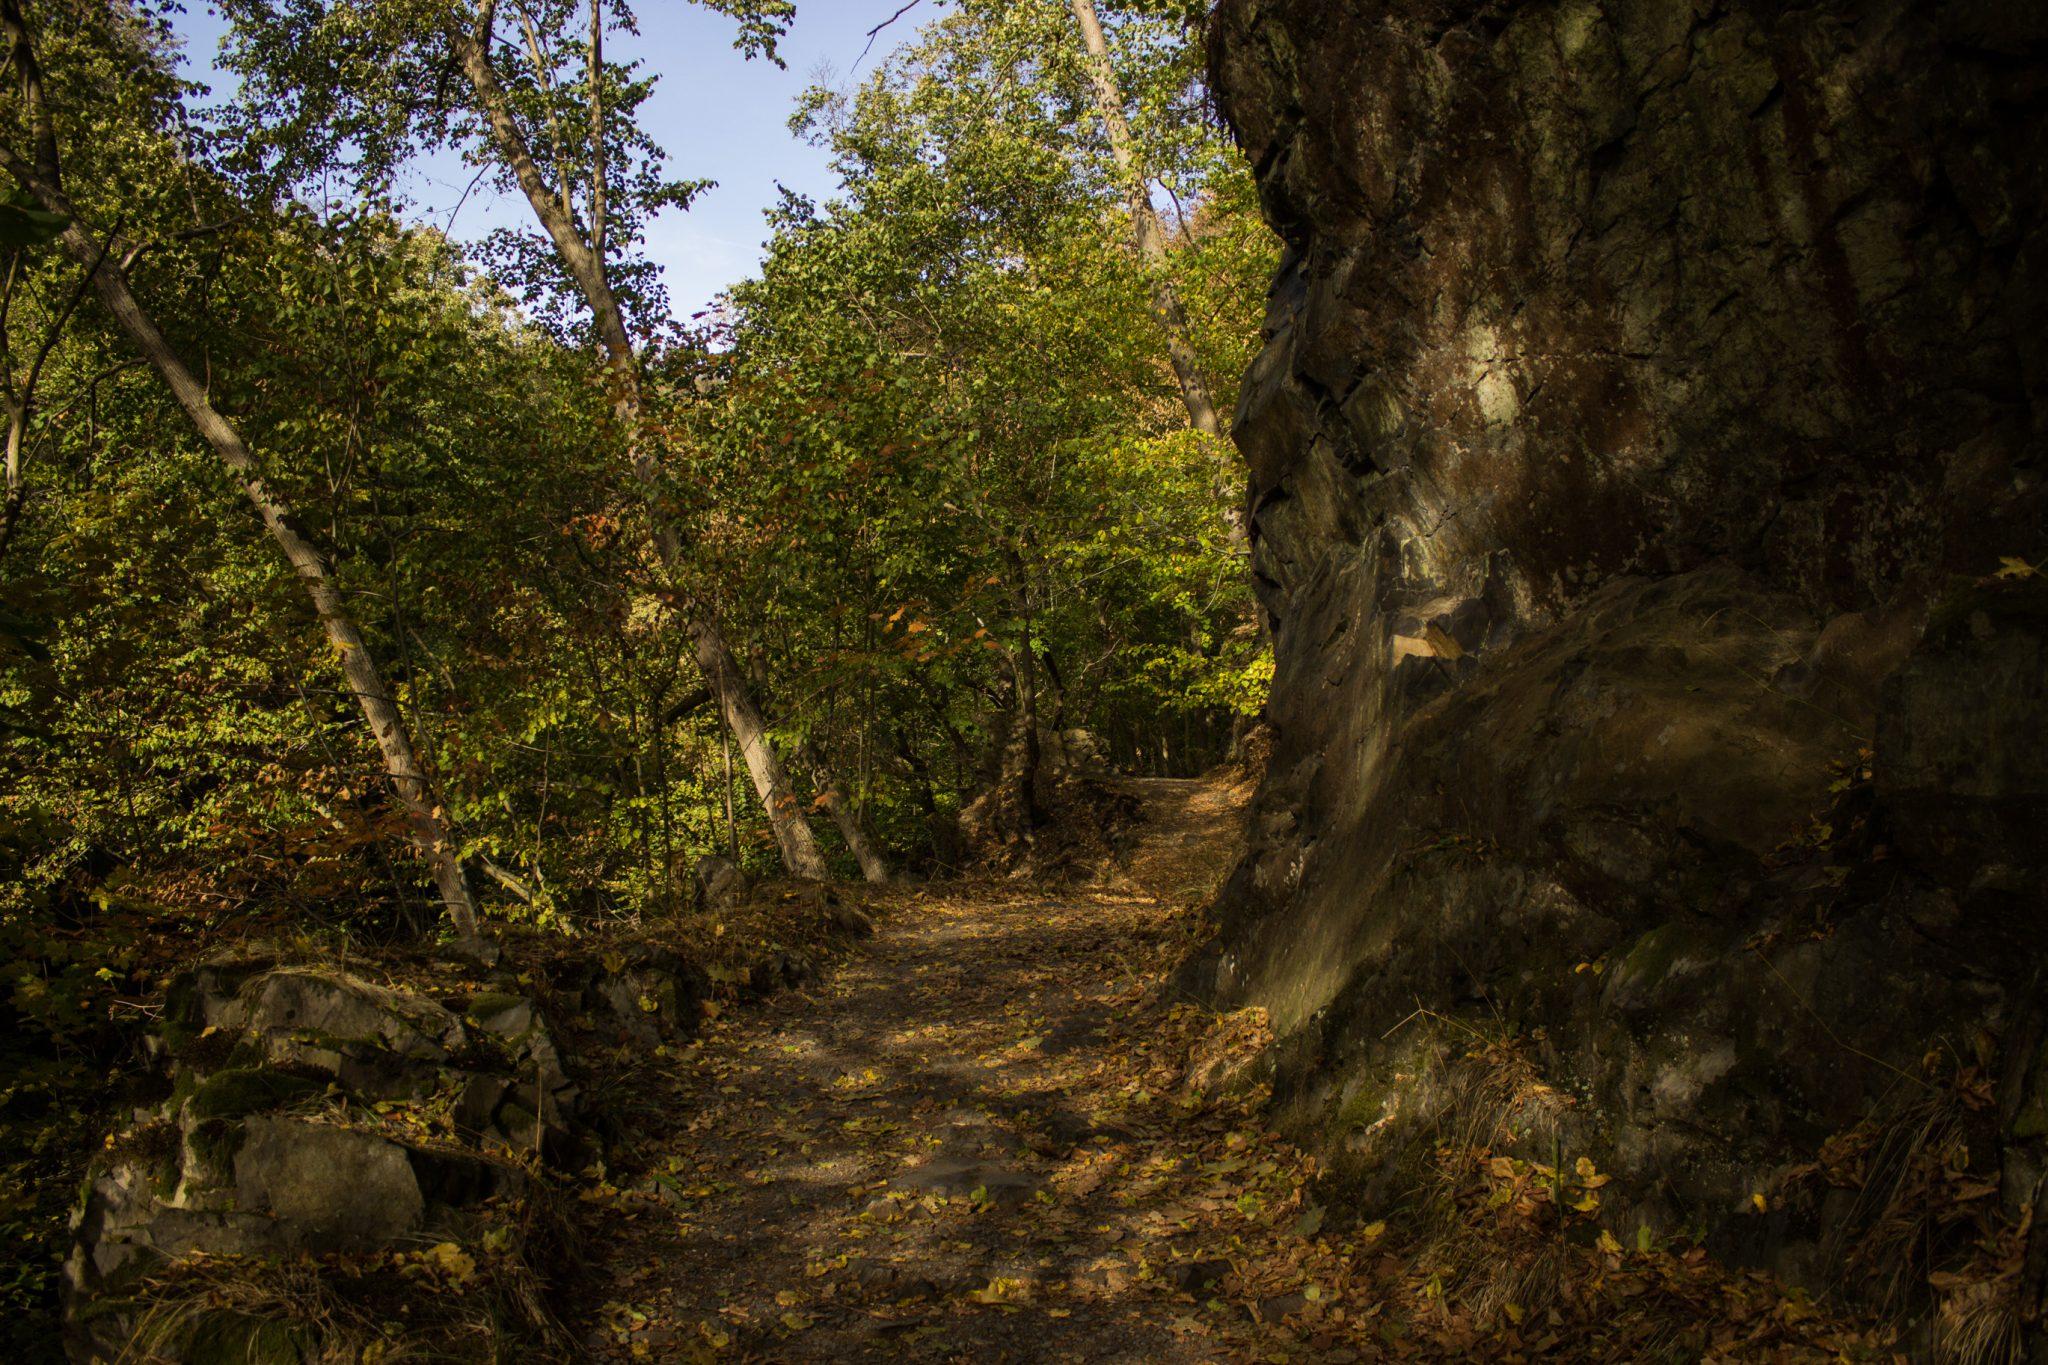 Rundwanderung Thale nach Treseburg - über Hexentanzplatz, Bodetal und Roßtrappe, Wanderweg im Bodetal, großer Felsen neben naturbelassenem Wanderpfad, überall schöner dichter Wald